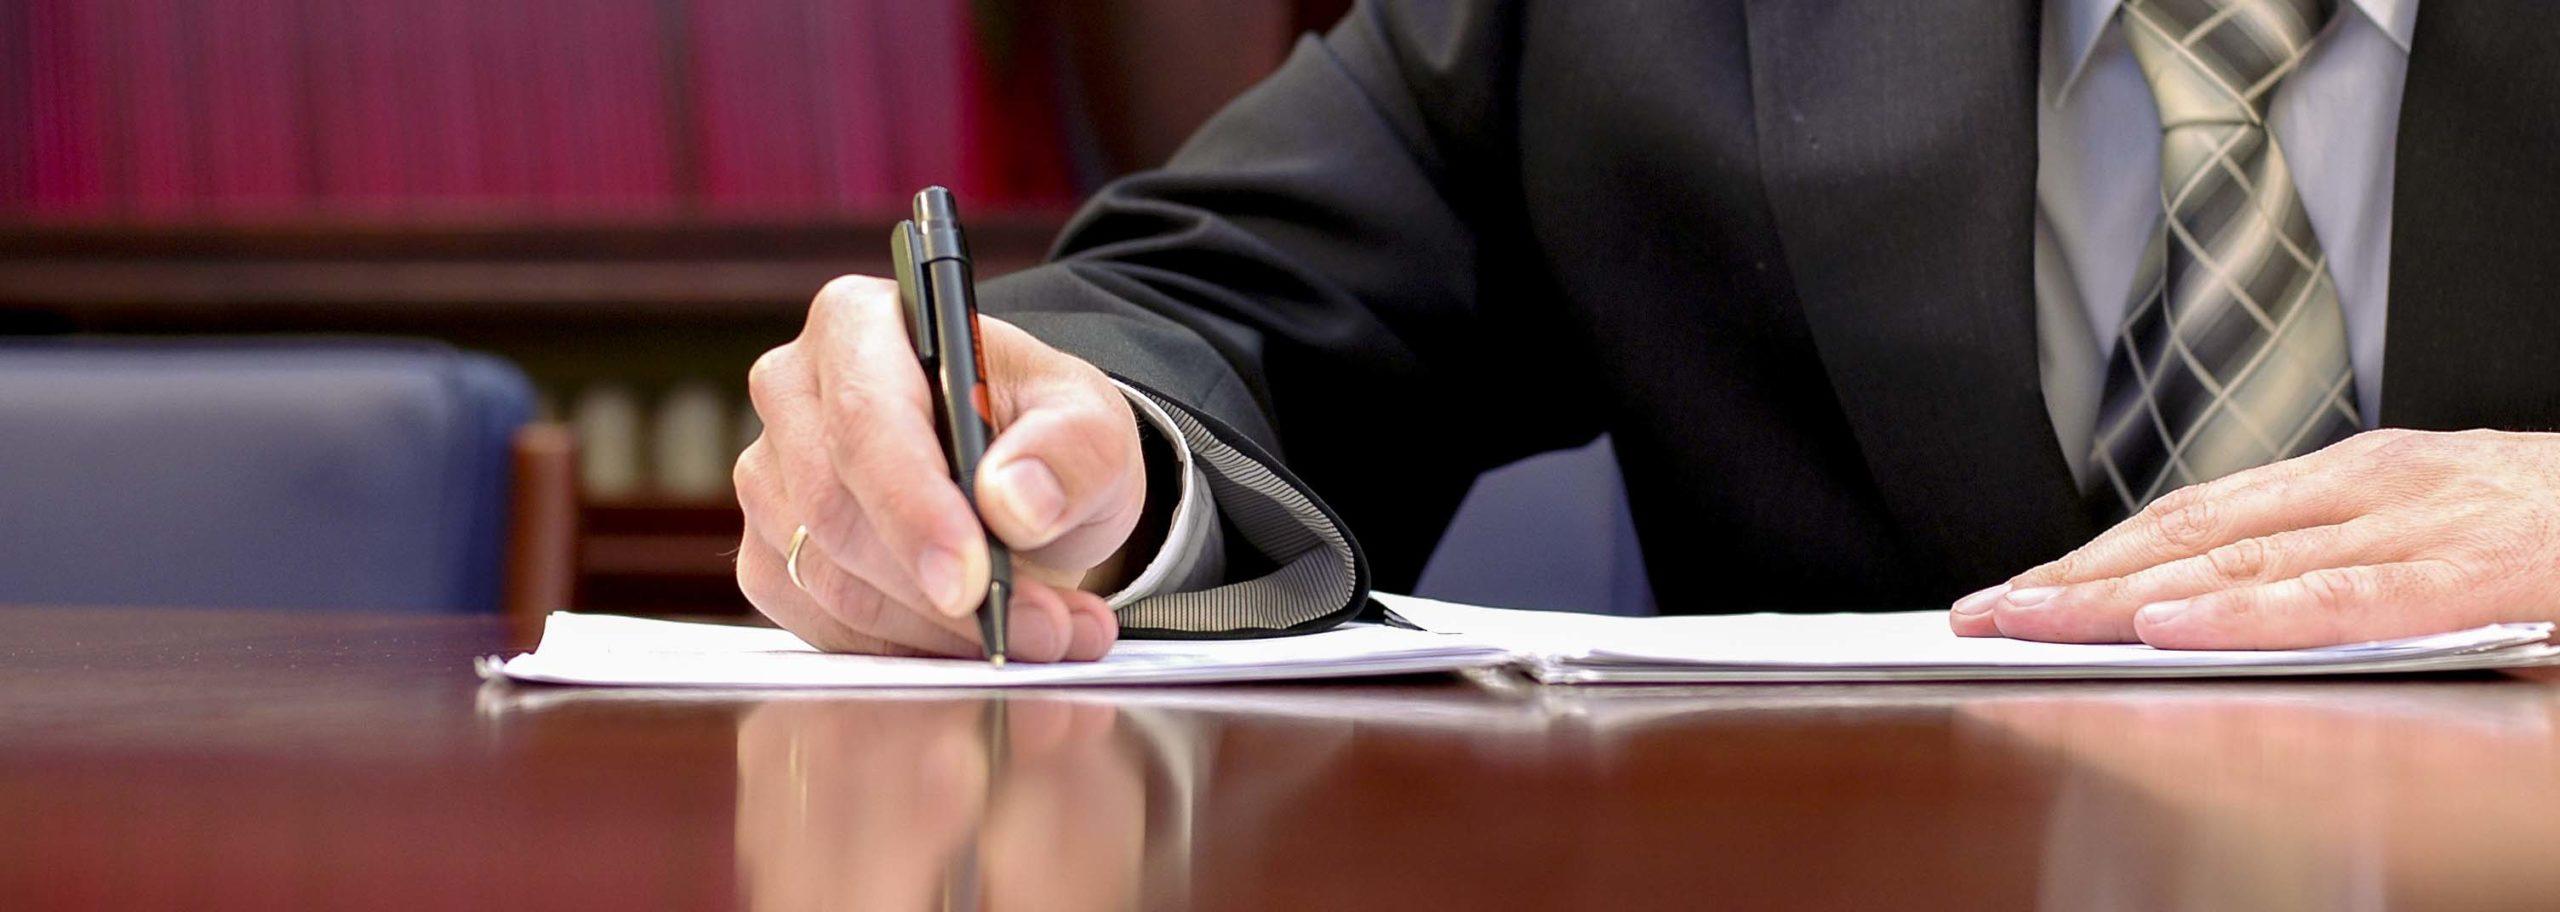 seso bando selezione amministratore unico borgosesia concorsi